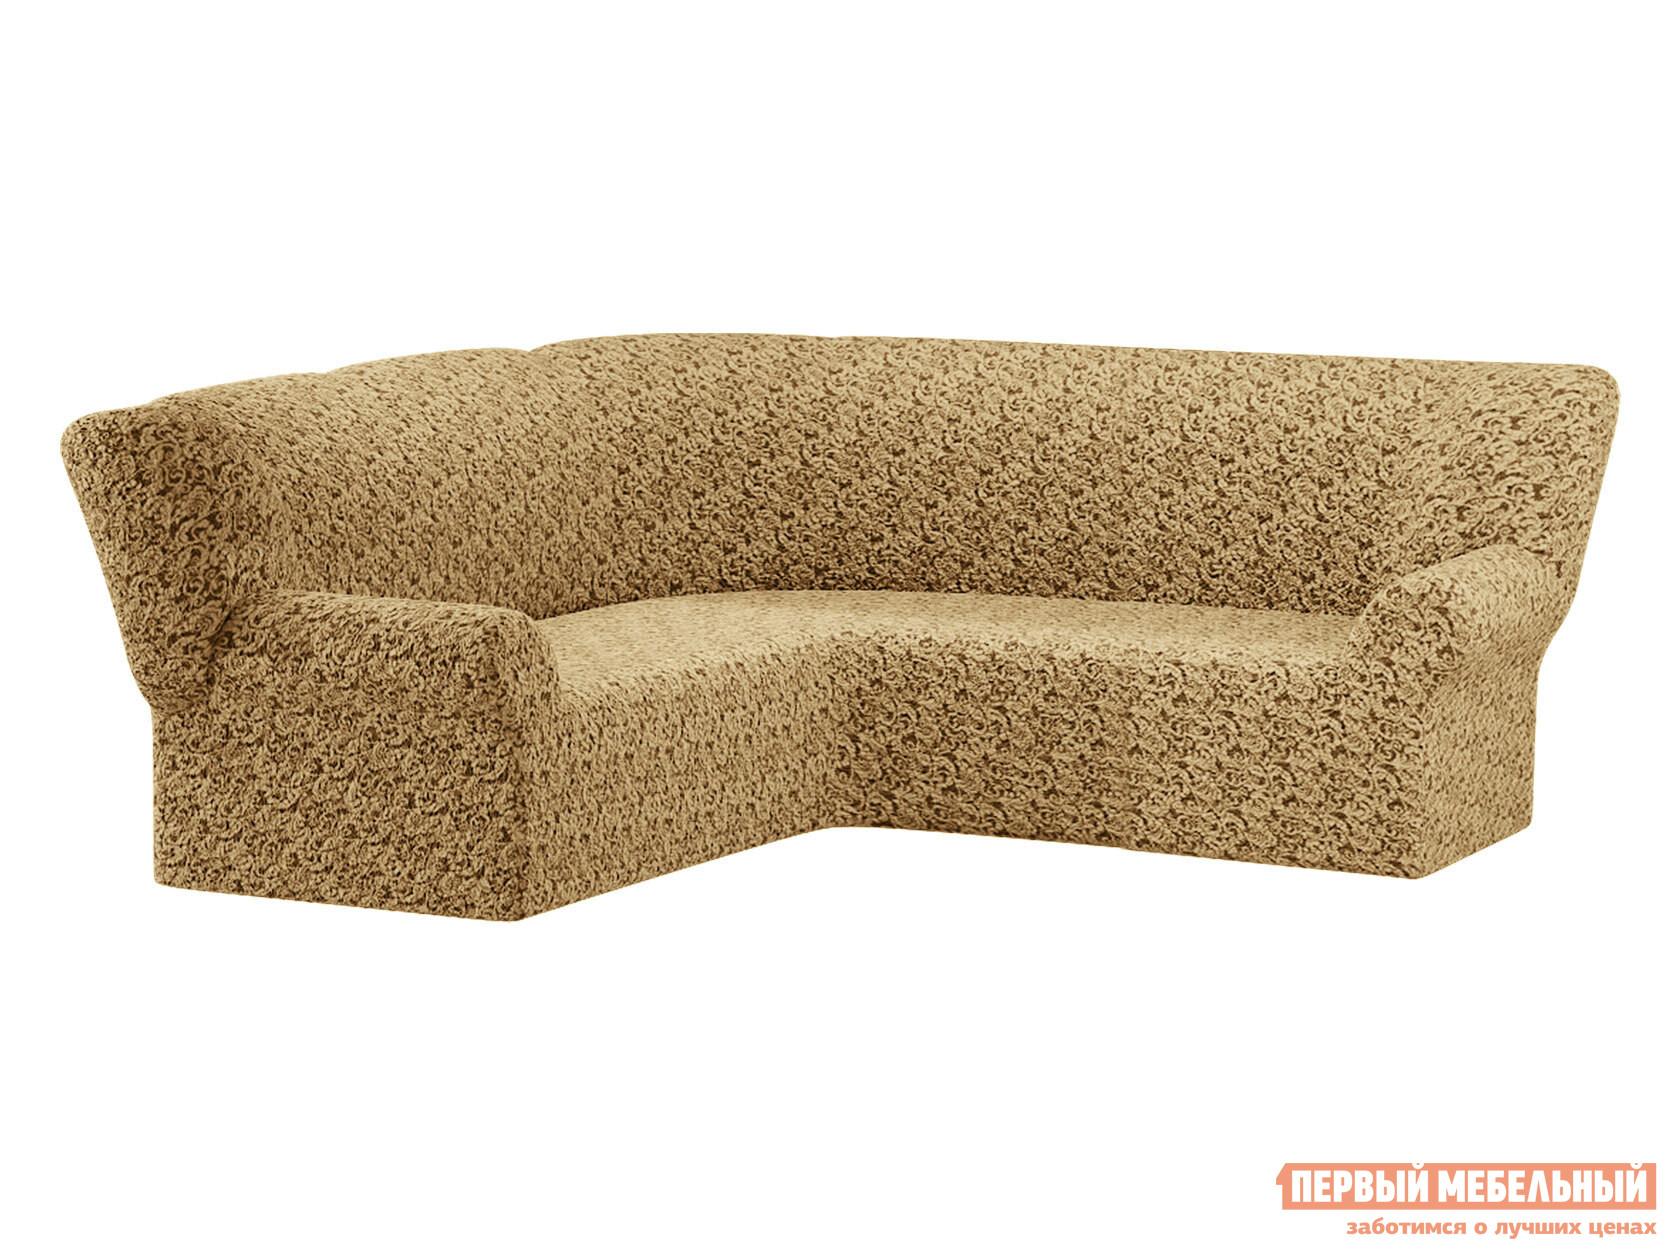 Фото - Чехол для углового дивана Первый Мебельный Чехол на угловой диван жаккард без юбки чехол для двухместного дивана первый мебельный чехол для дивана стамбул двухместный без юбки